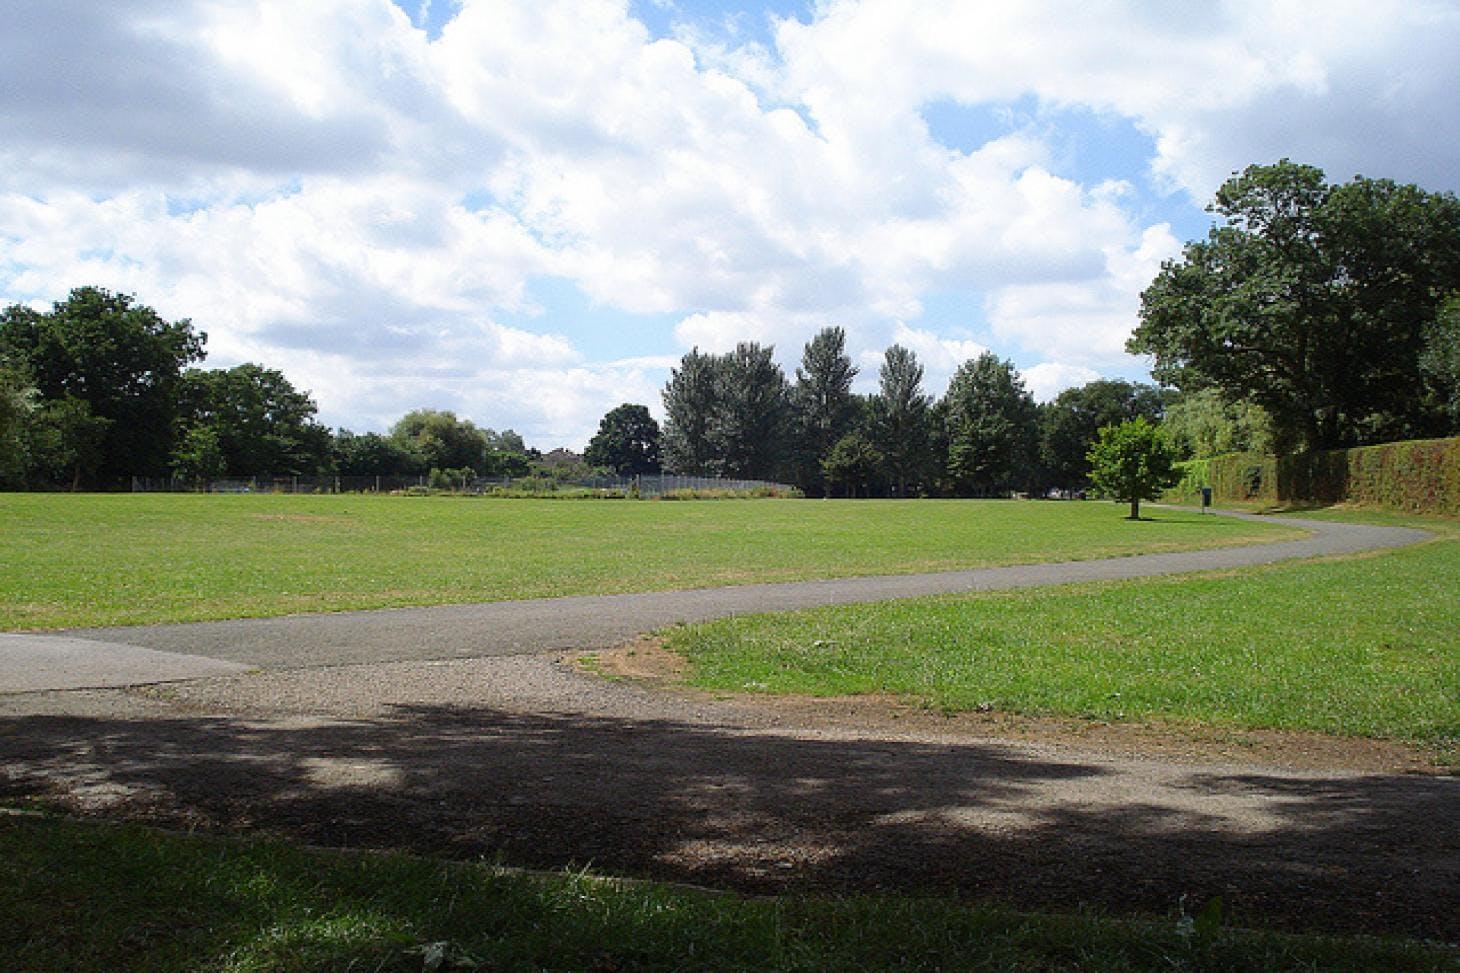 Kenton Recreation Ground Outdoor | Hard (macadam) tennis court